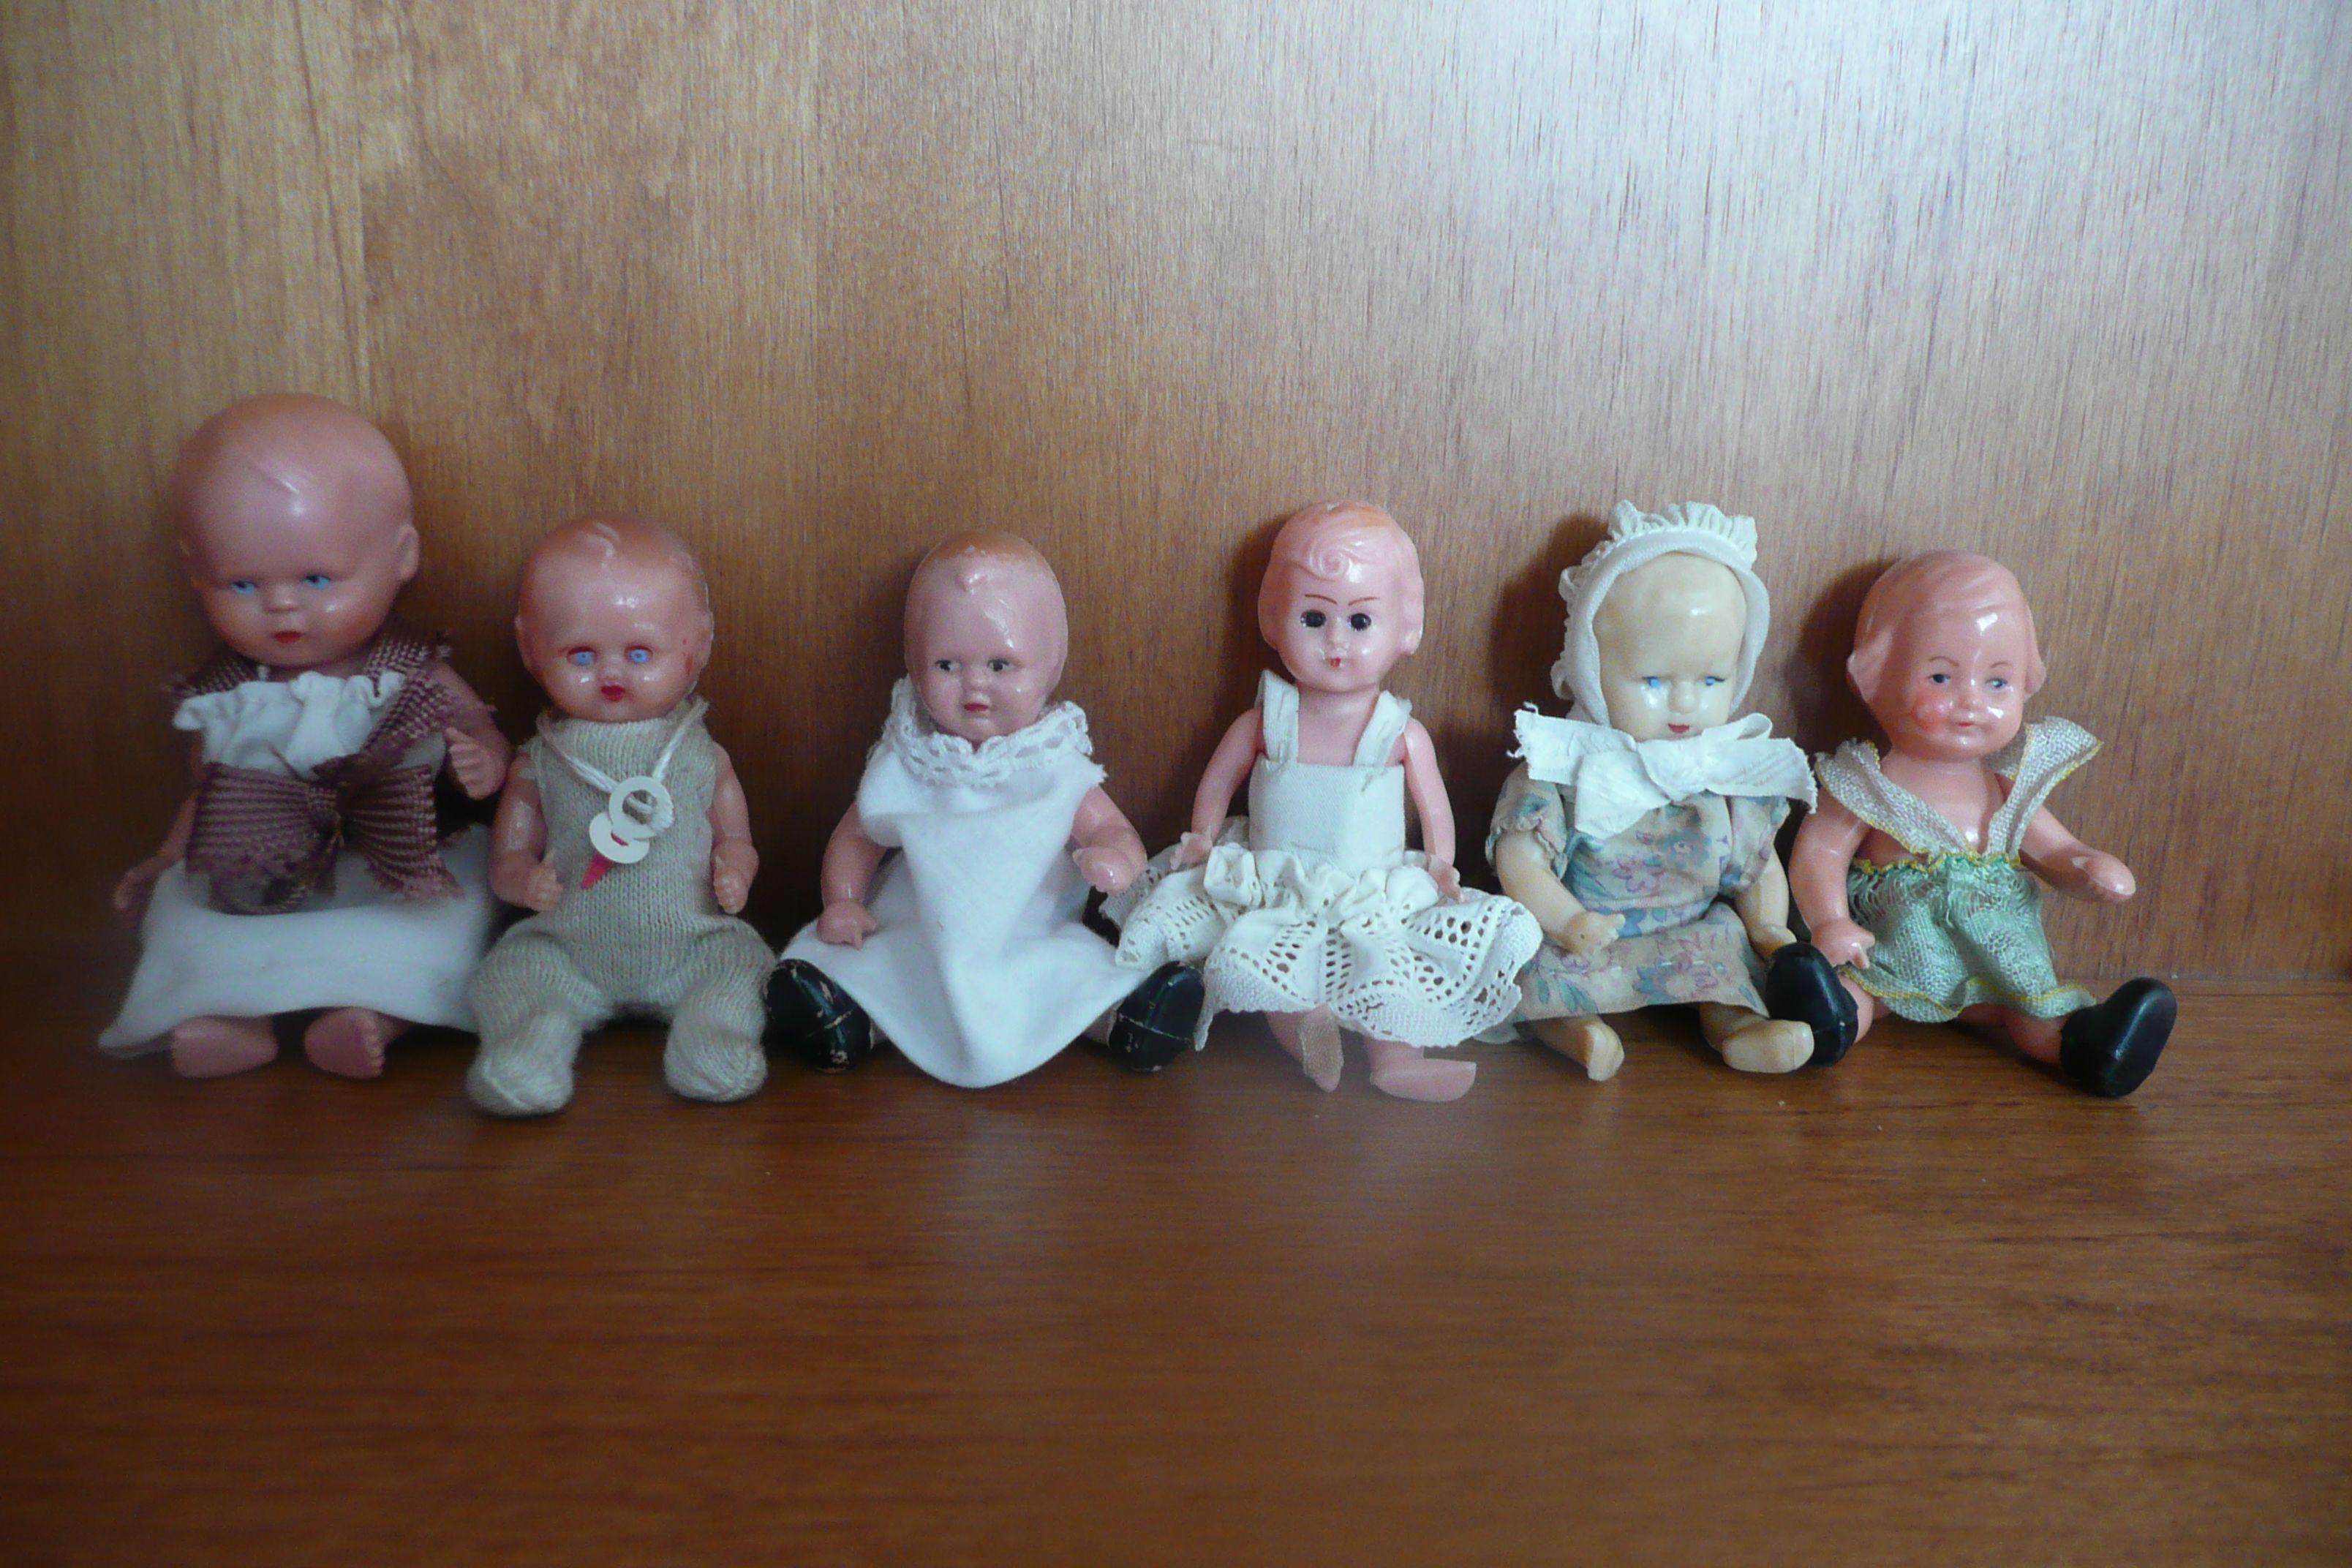 Bamboline anni 40' di plastica dura o celluloide. Da 7,5 a 9 cm. 20 Euro l'una